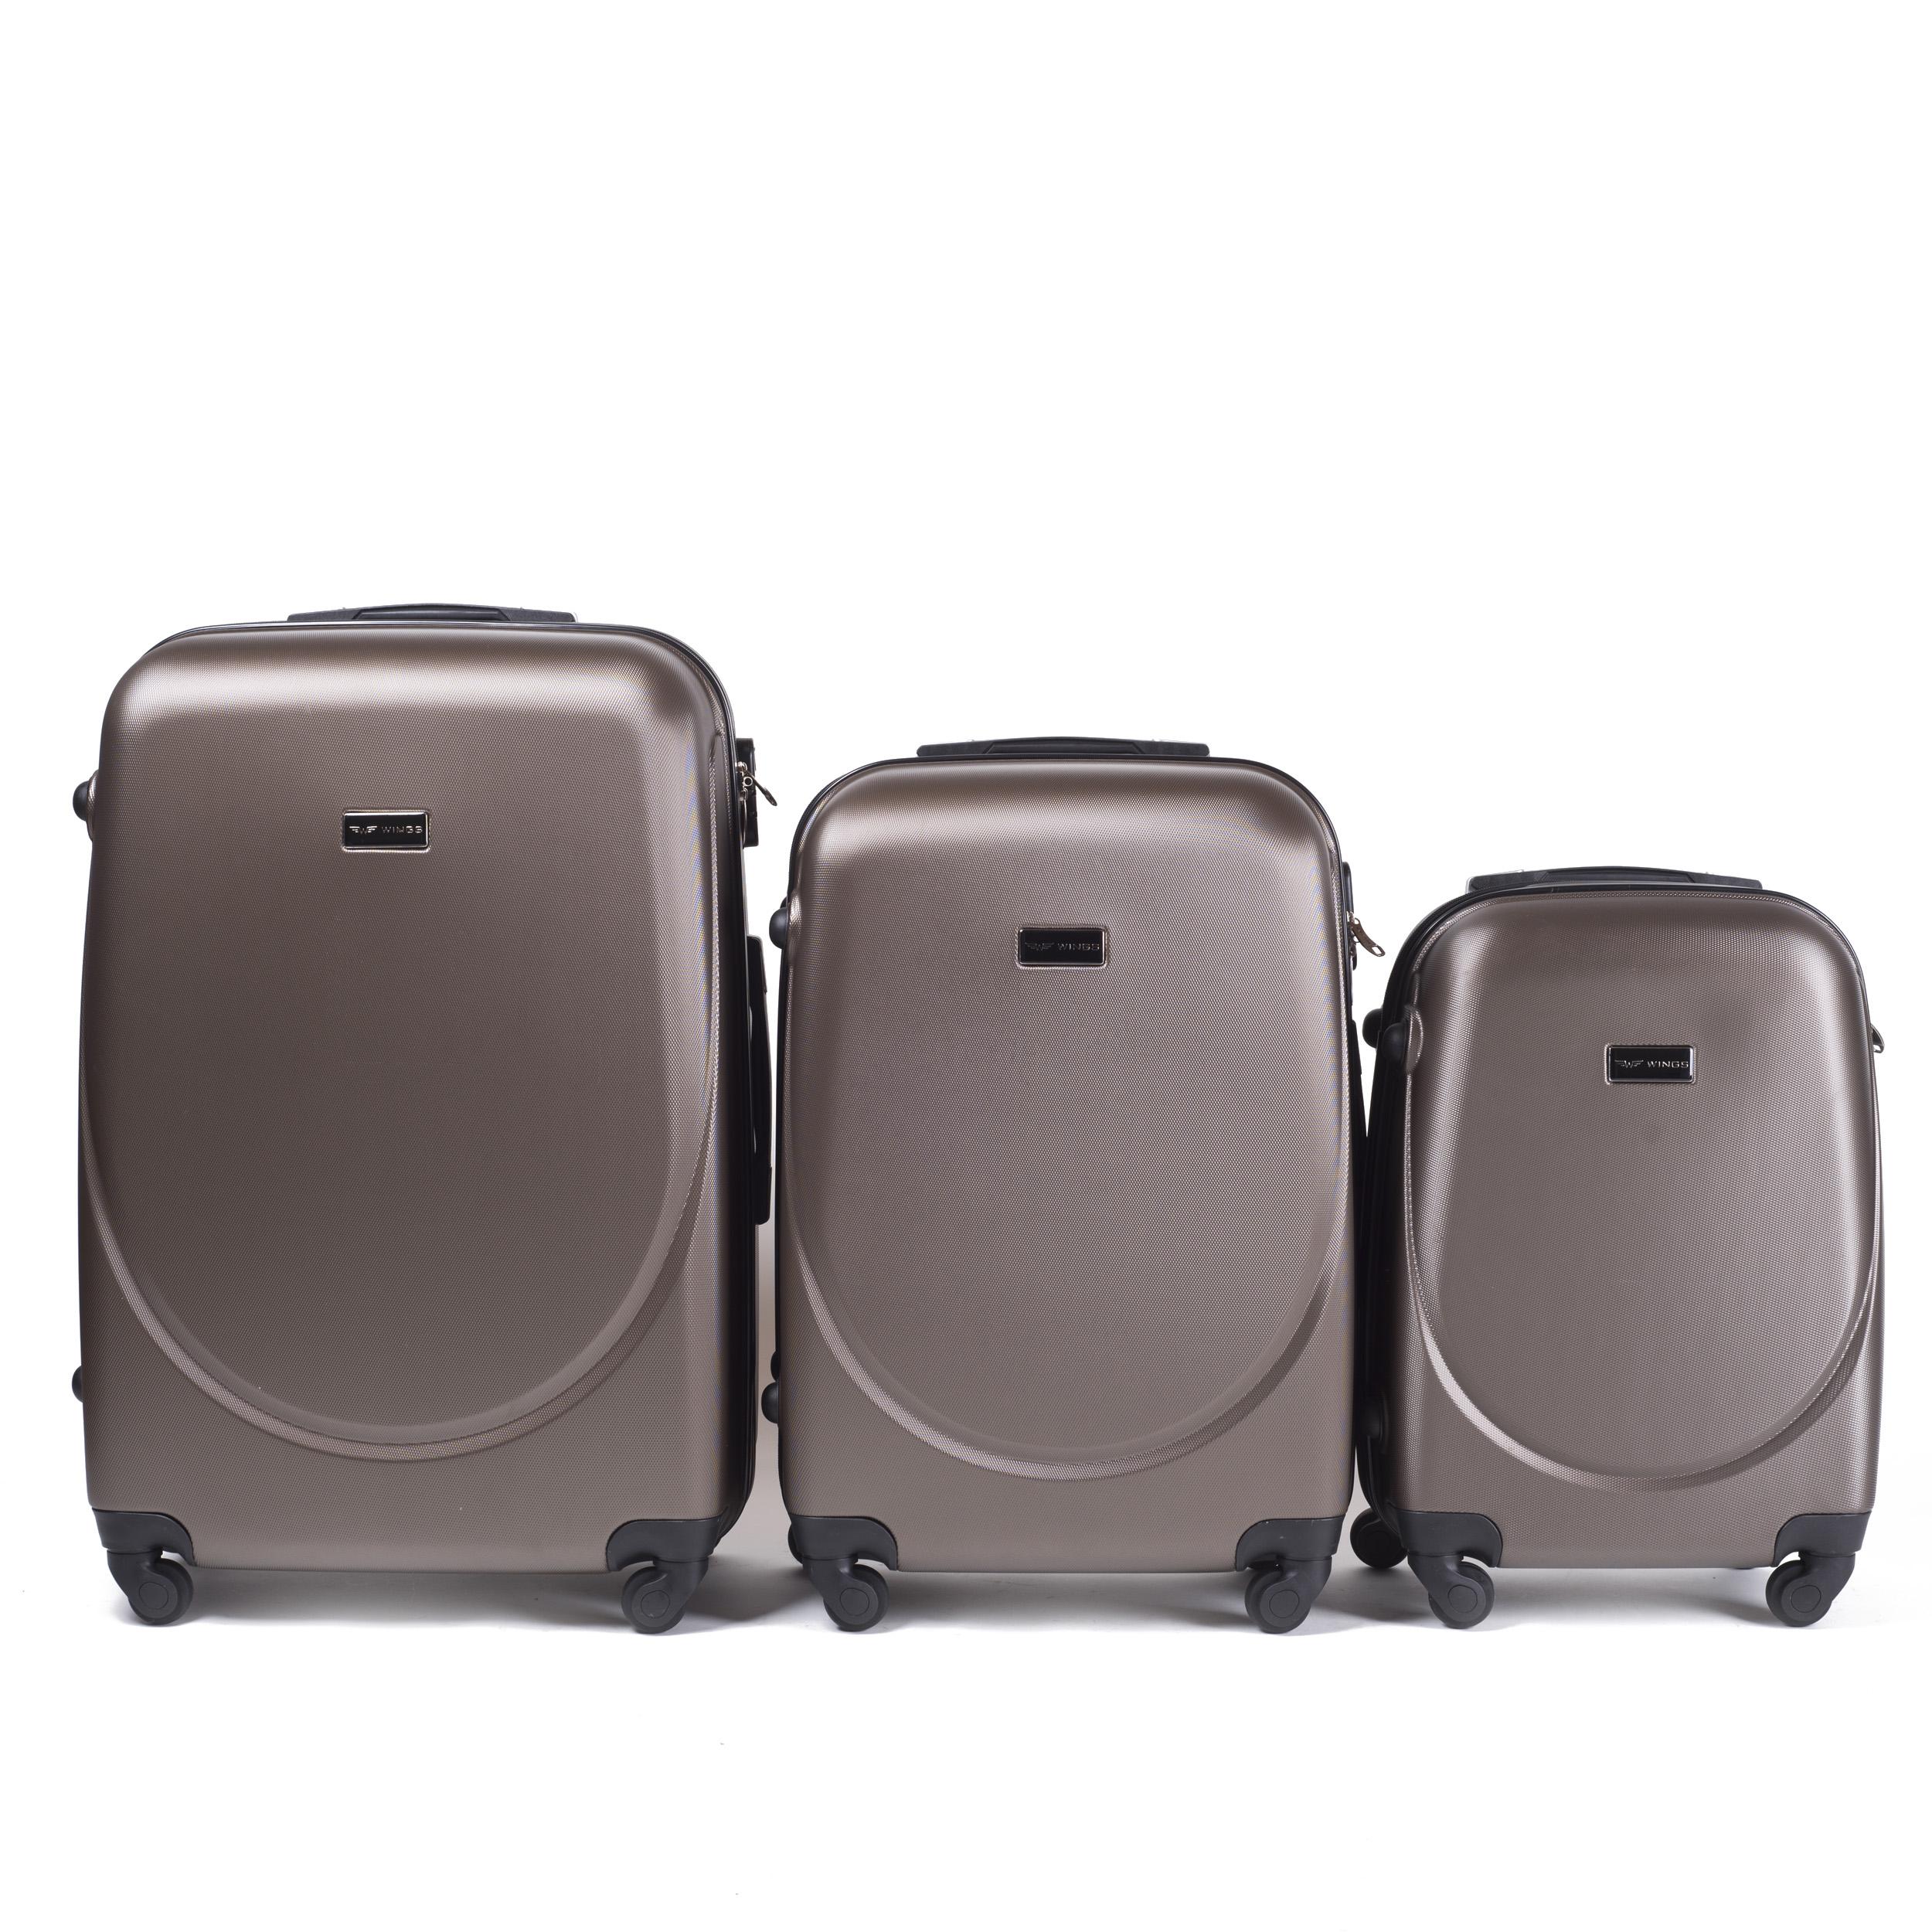 0fdee8390a6cd Dlatego warto zdecydować się na lekką walizkę kabinową, która spełni  wymagania poszczególnych linii lotniczych.